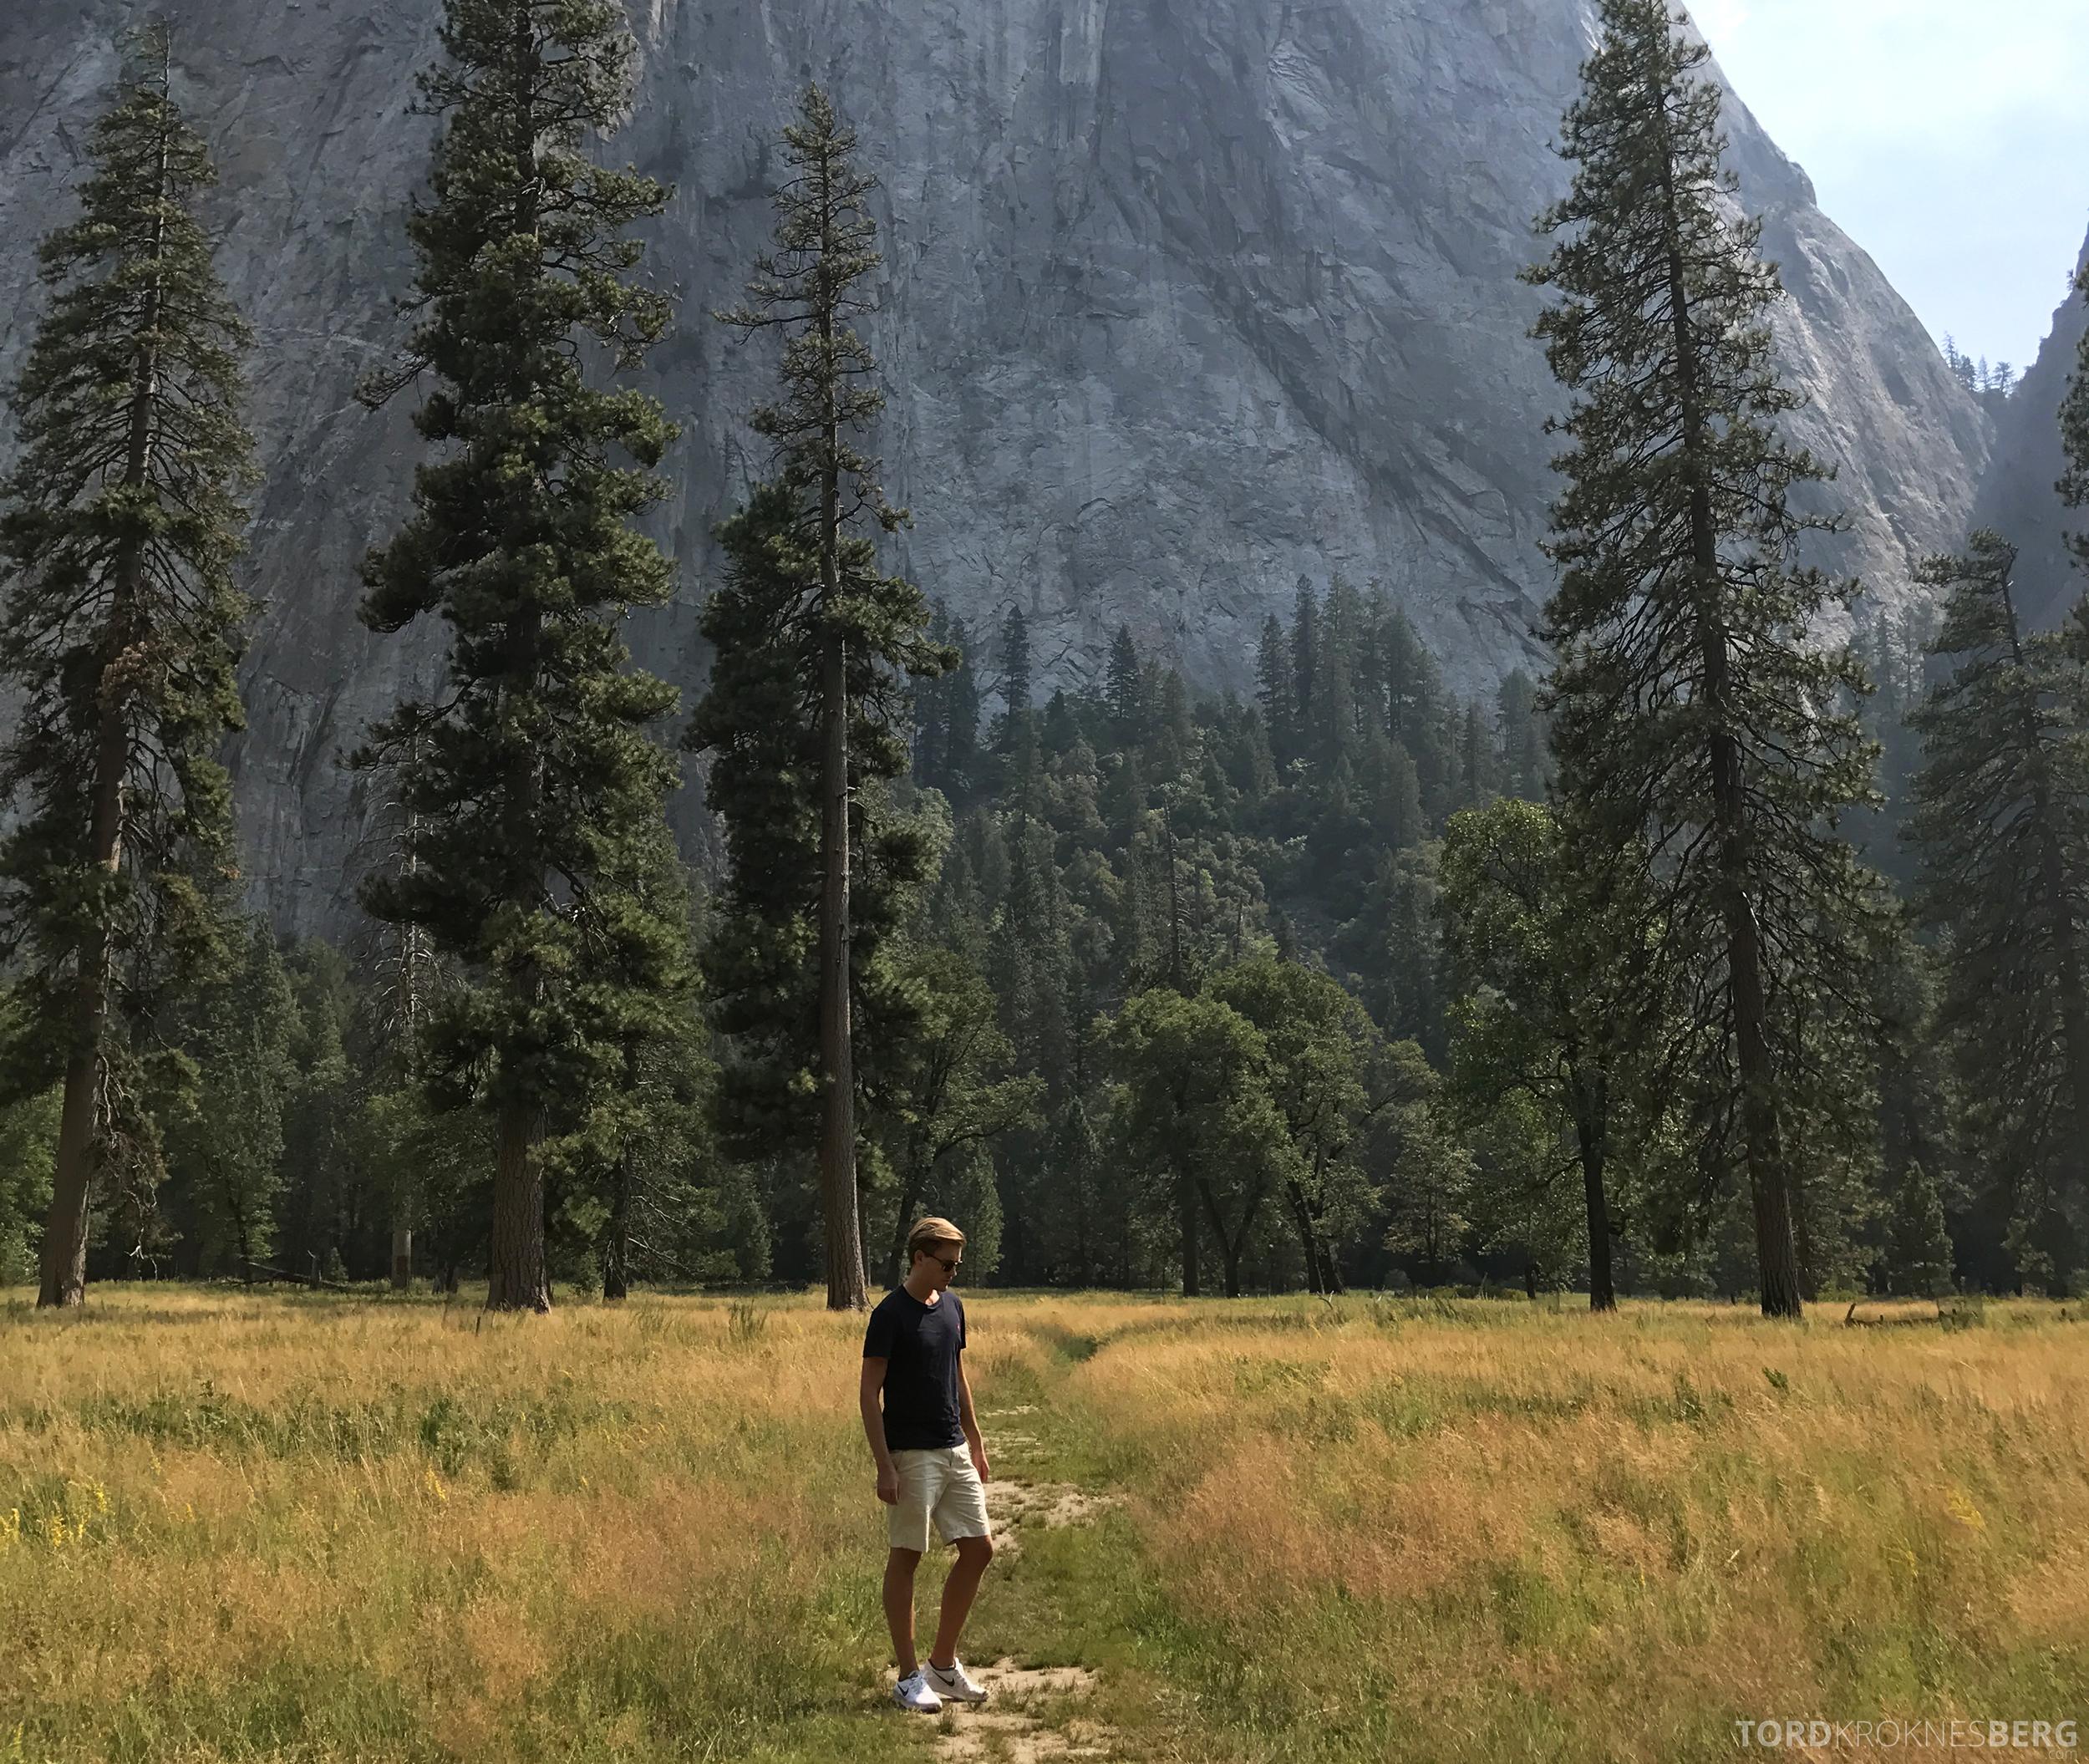 Yosemite Tour Tord Kroknes Berg